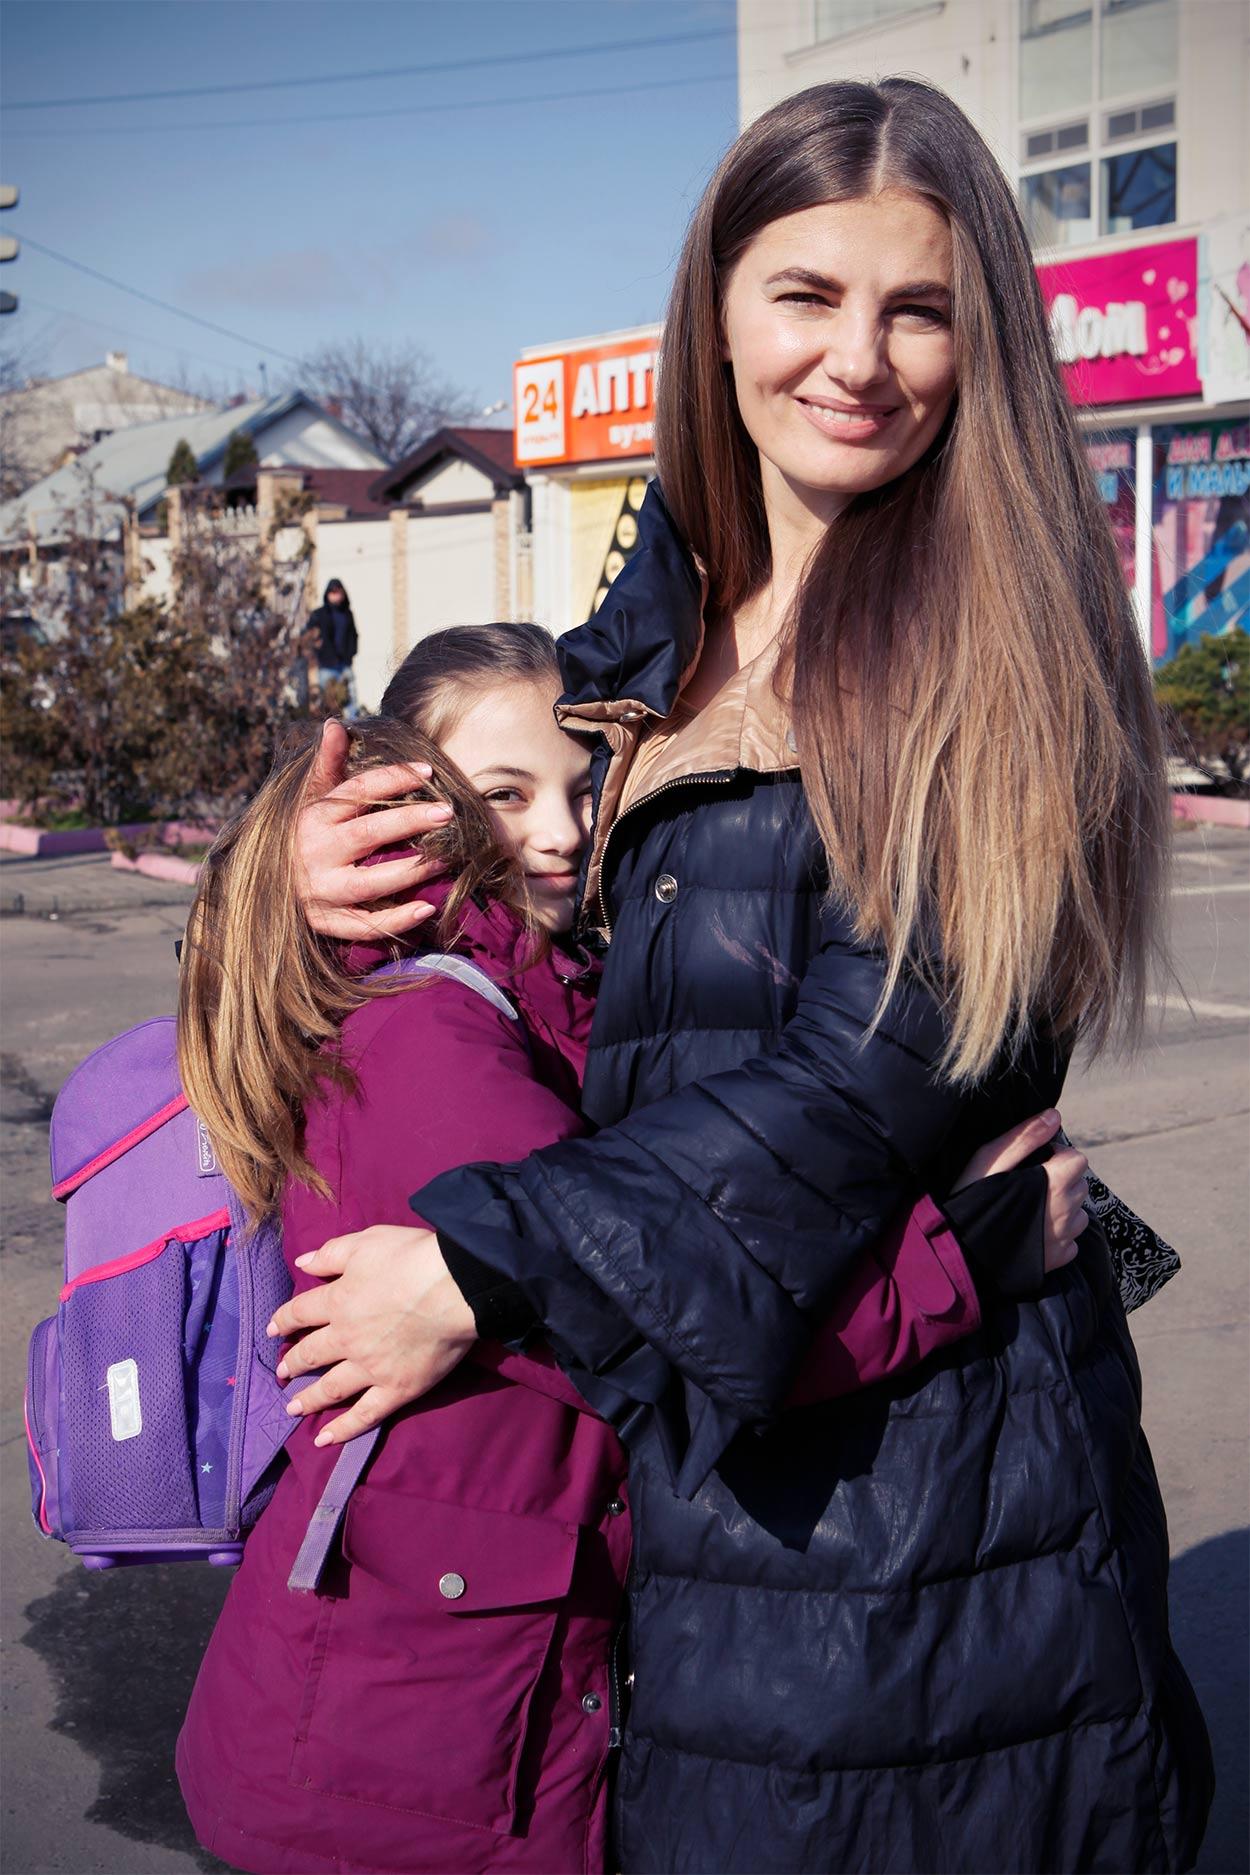 zoya 0621 - <b>Одесская полицейская Зоя Мельник системно разоблачала преступления полиции — ее оттуда уволили.</b> Сейчас она защищает детей - Заборона